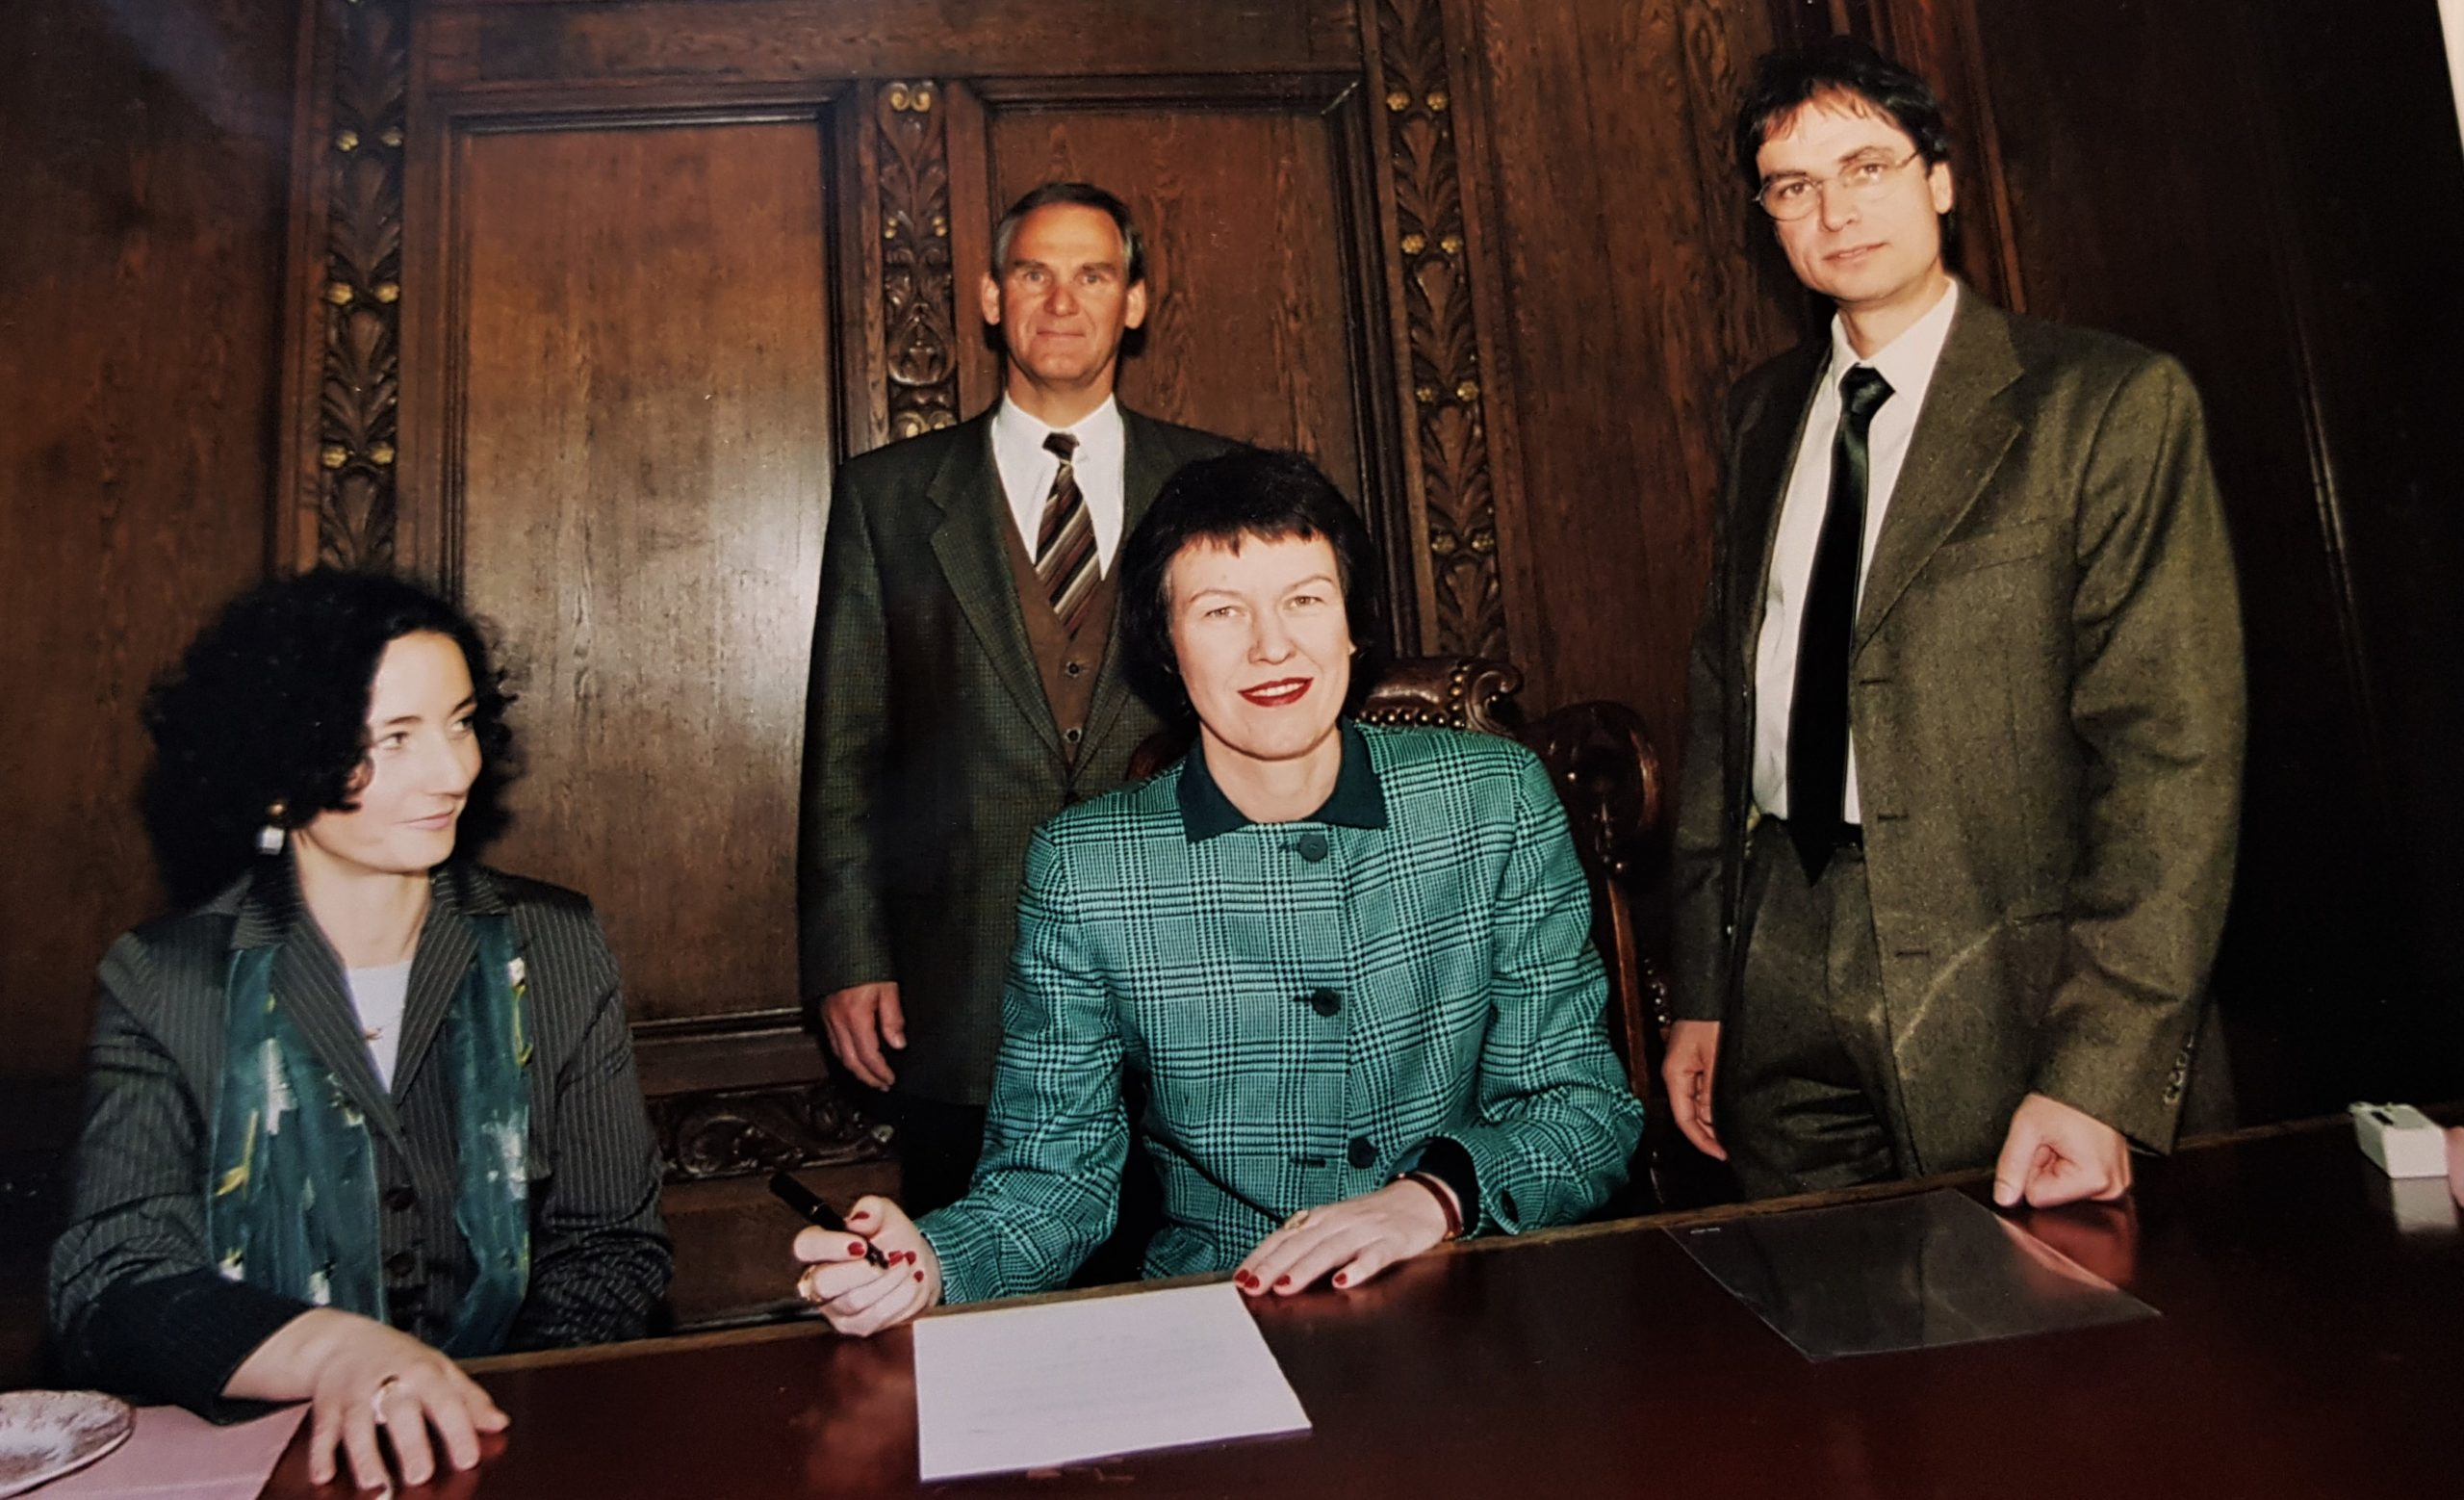 Vor 20 Jahren gegründet: Homöopathie-Stiftung und Wissenschaftsgesellschaft Homöopathie (InHom/WissHom)